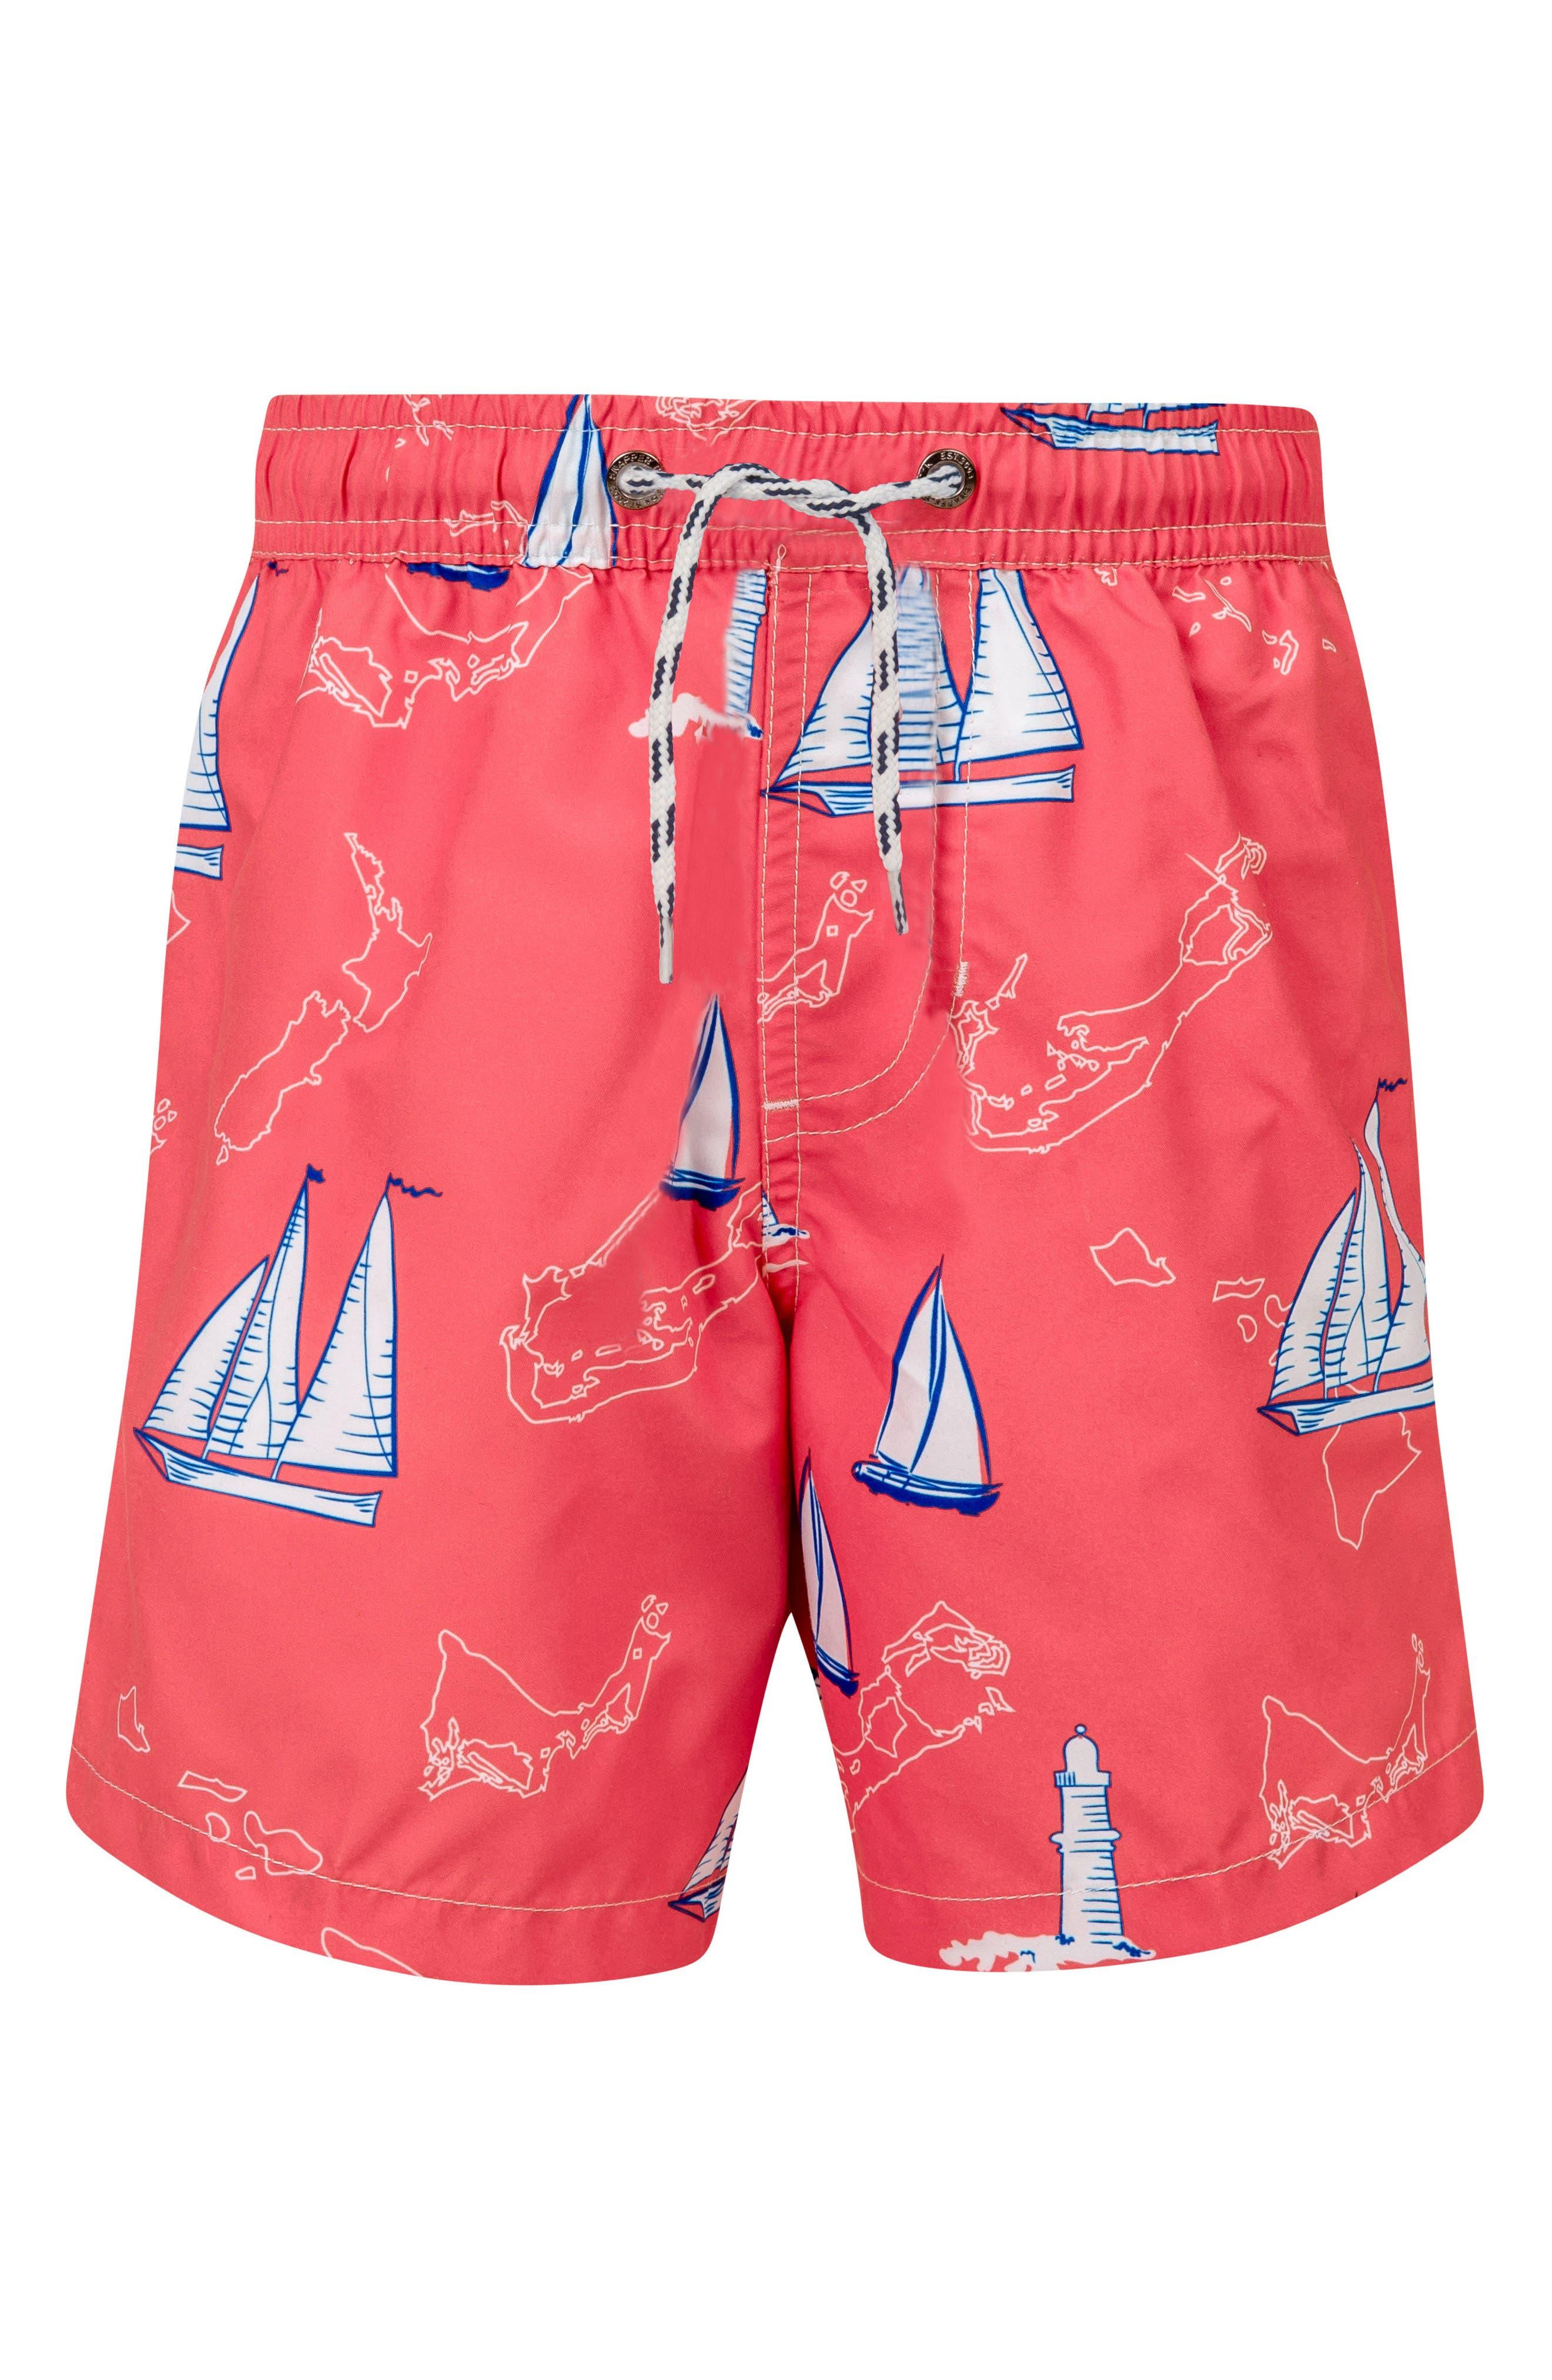 Island Sail Board Shorts,                             Main thumbnail 1, color,                             Red Multi